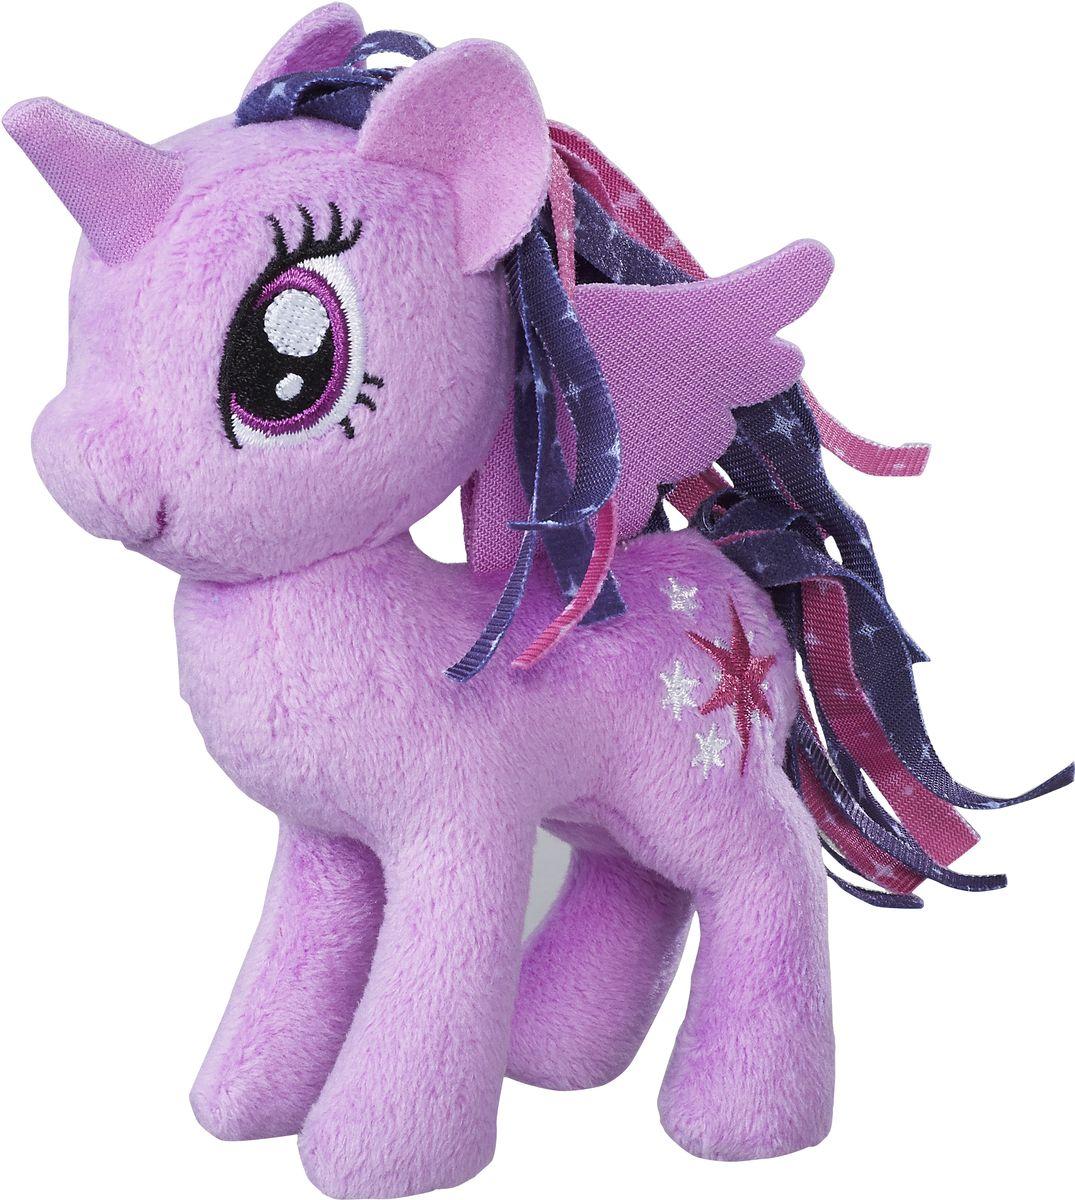 My Little Pony Мягкая игрушка Пони Princess Twilight Sparkle 13 см пони малышки